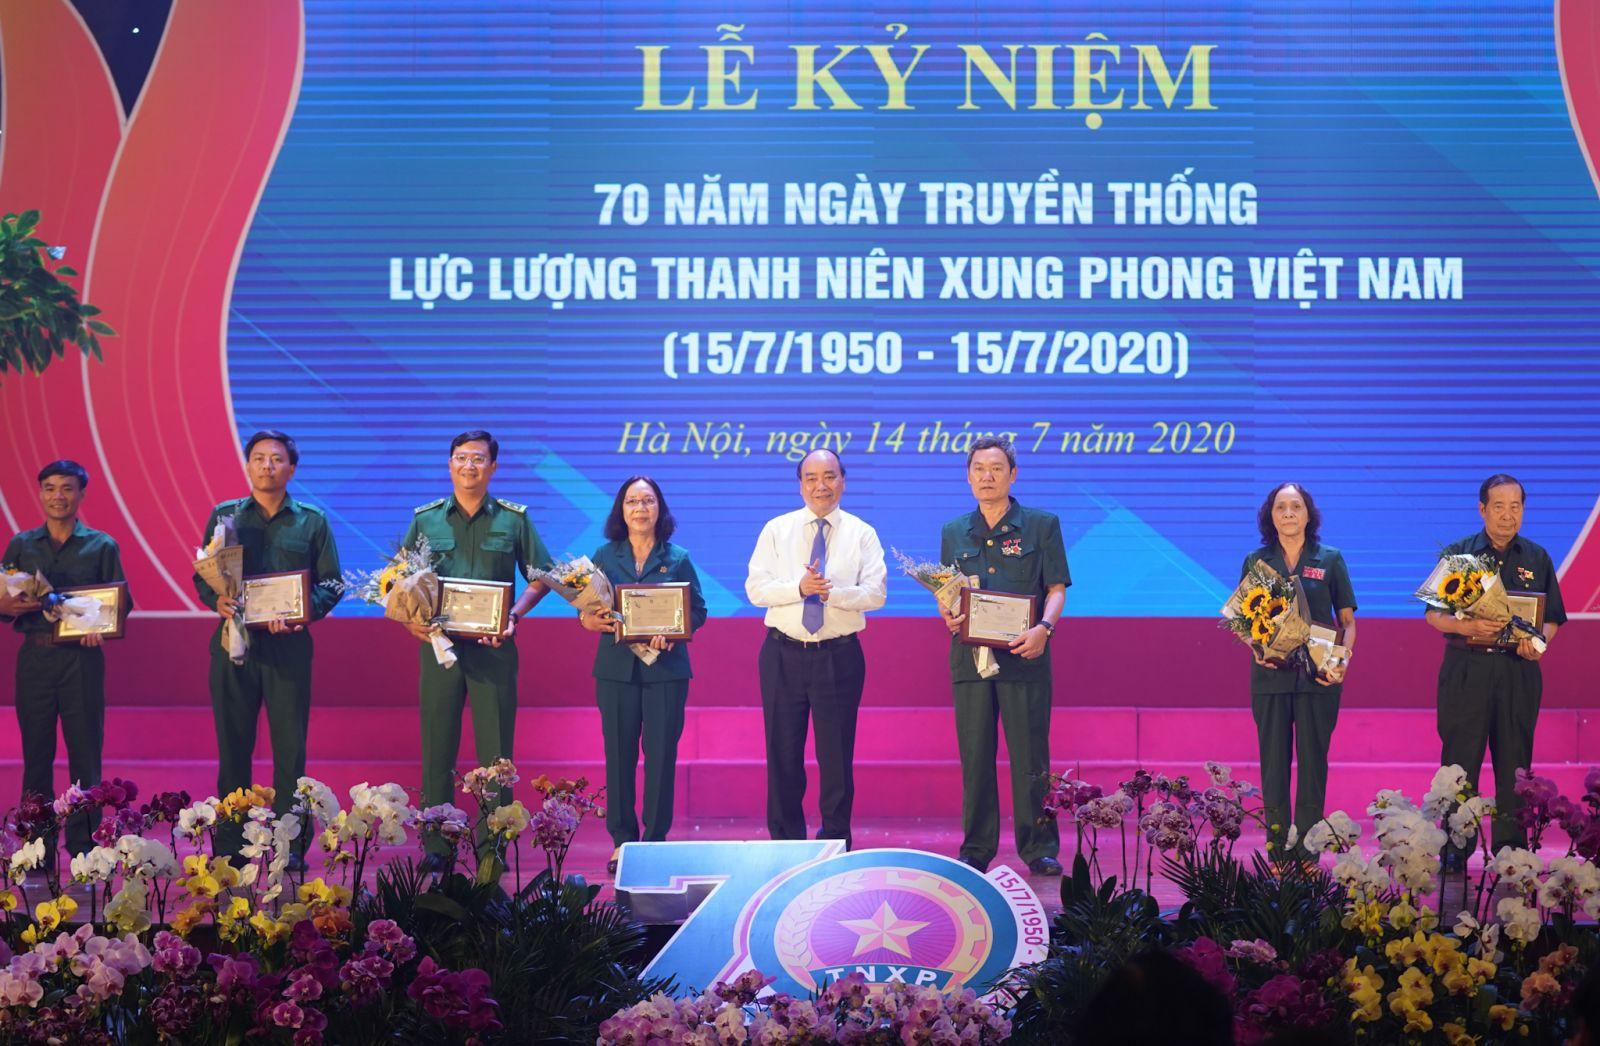 Thủ tướng Nguyễn Xuân Phúc tặng biểu trưng tôn vinh các TNXP điển hình tiêu biểu qua các thời kỳ. Ảnh: VGP/Quang Hiếu